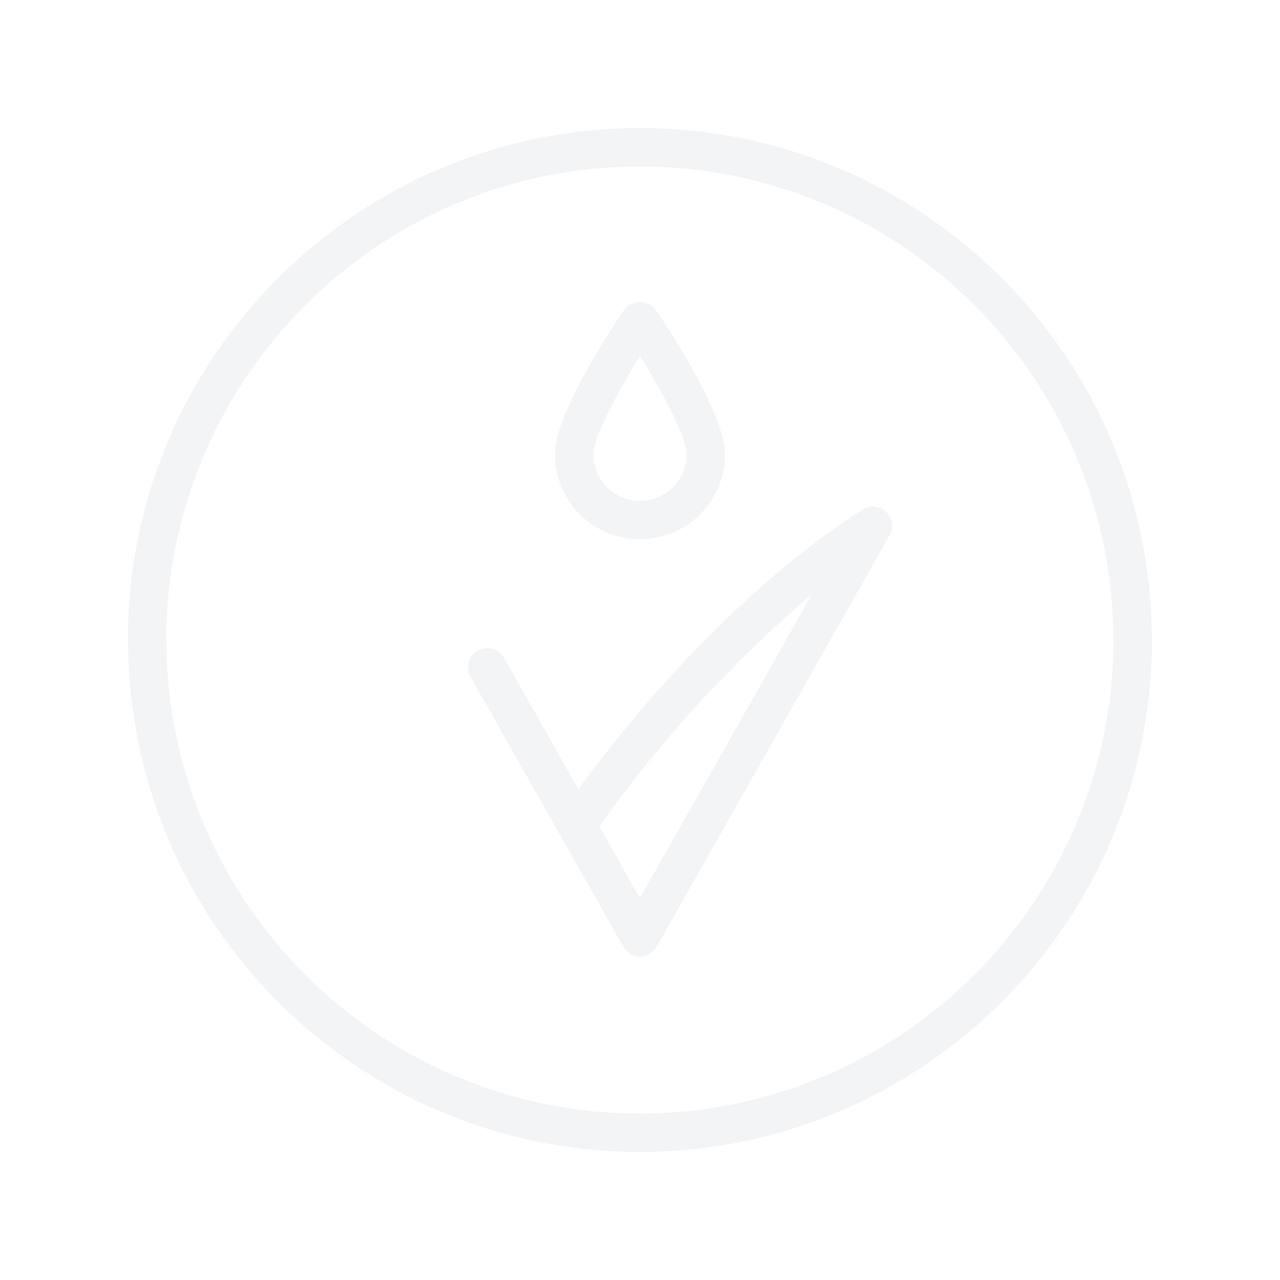 Versace Man Eau Fraiche 30ml Eau De Toilette Gift Set